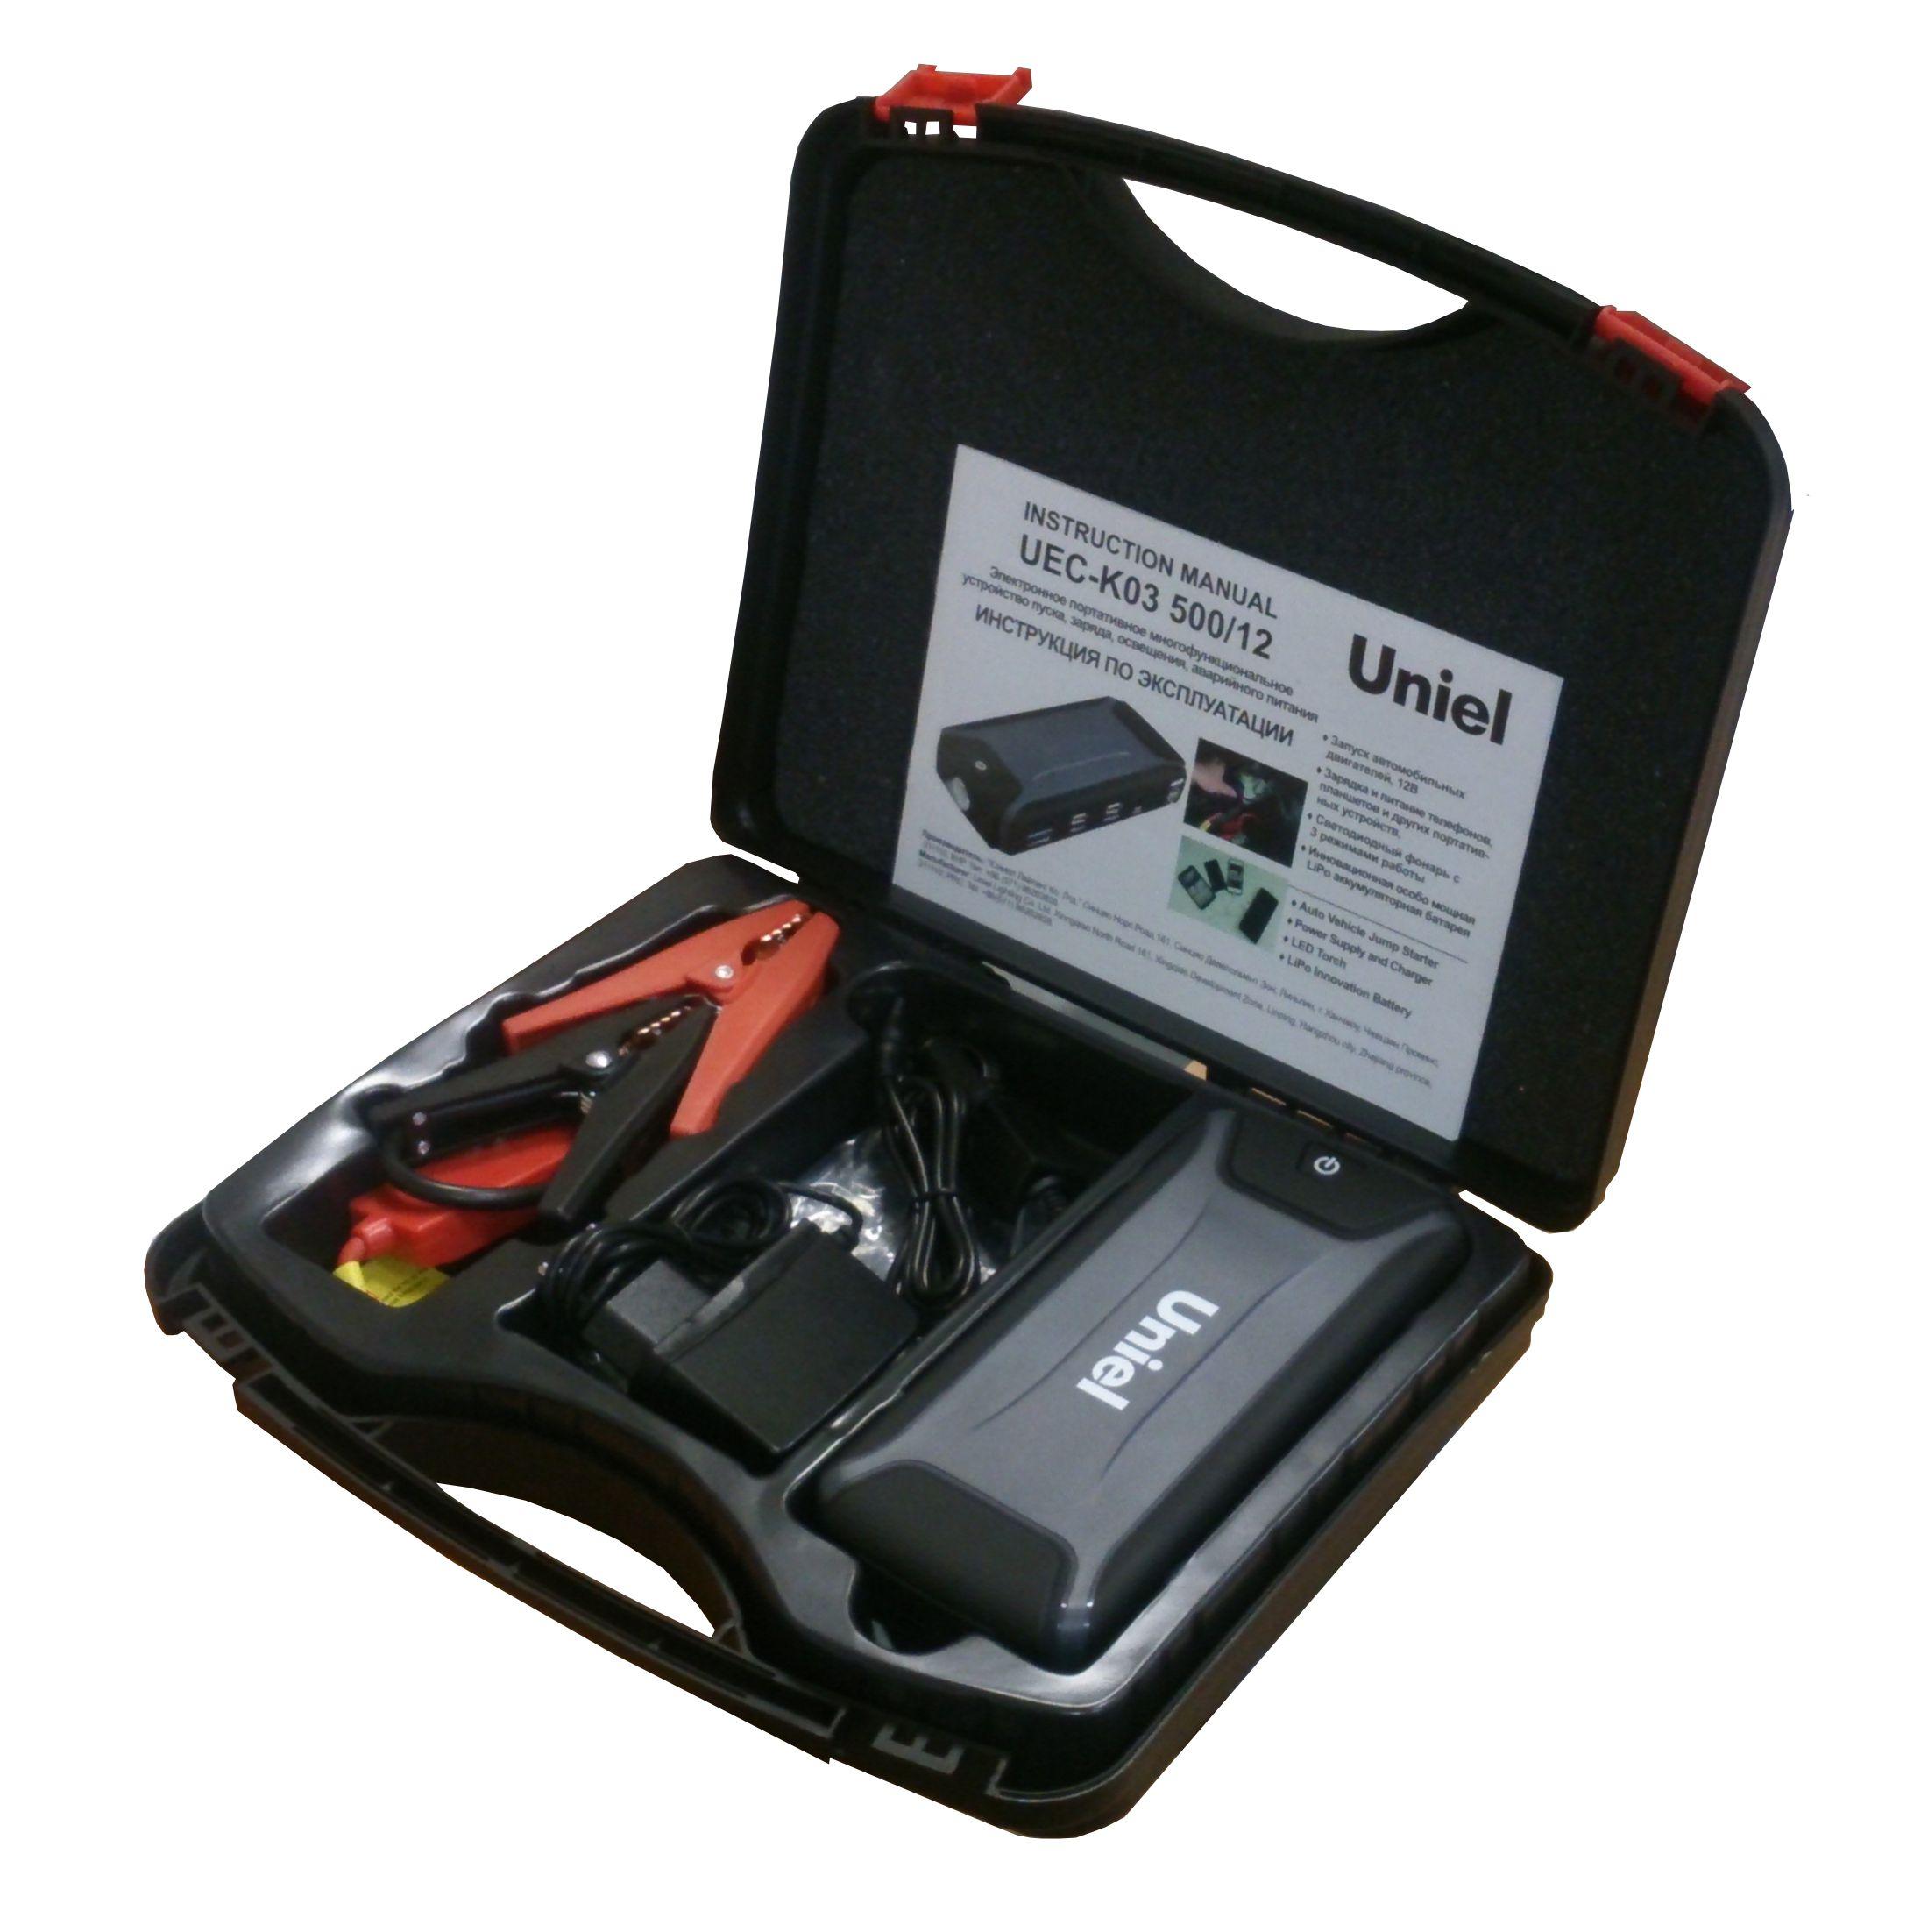 Зарядное устройство Uniel Uec-k03 500/12